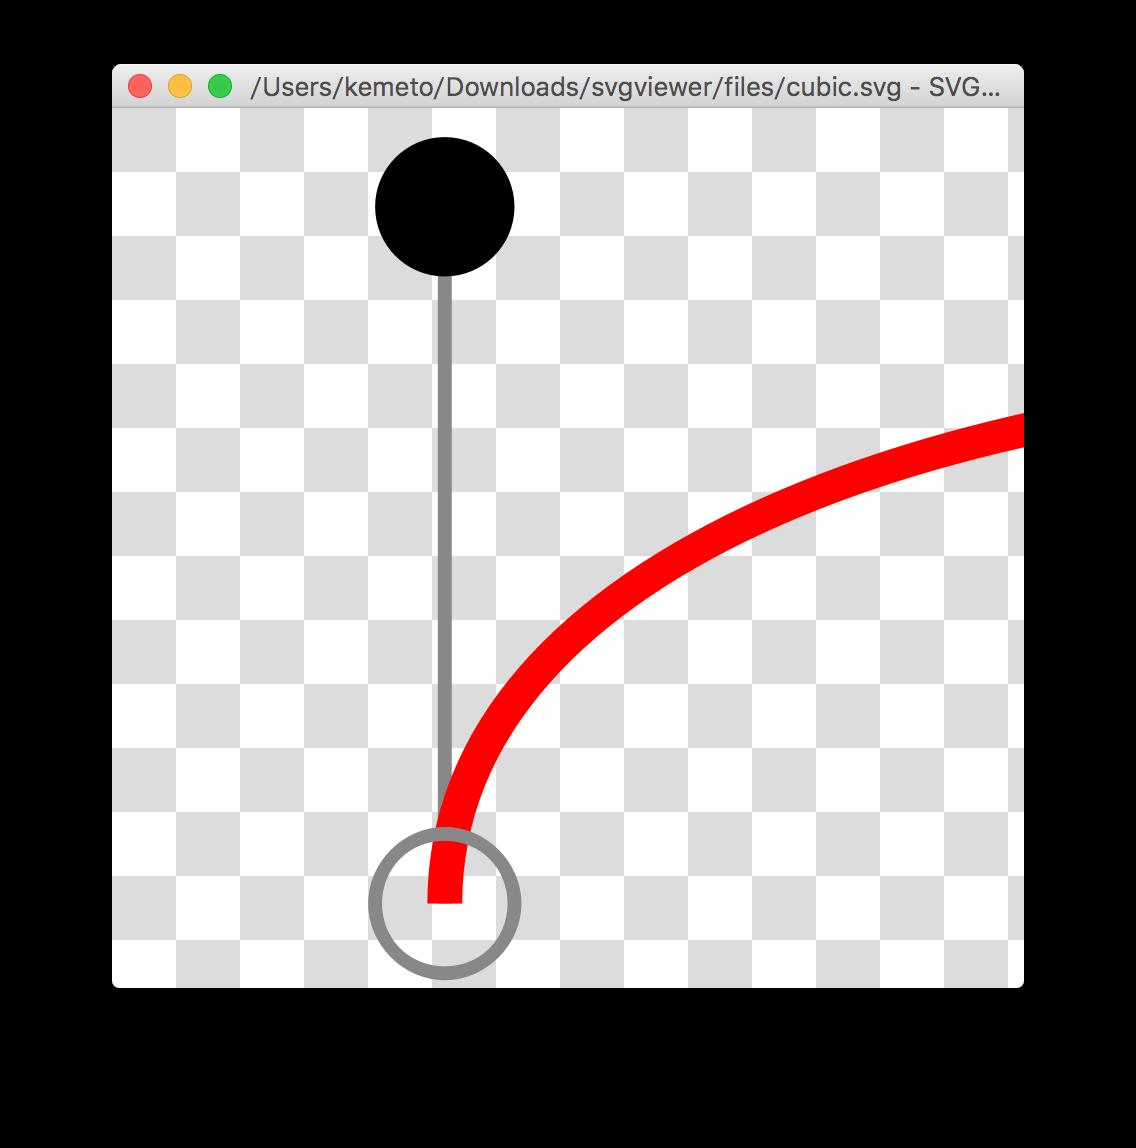 PyQt5とpython3によるGUIプログラミング[5] - Qiita